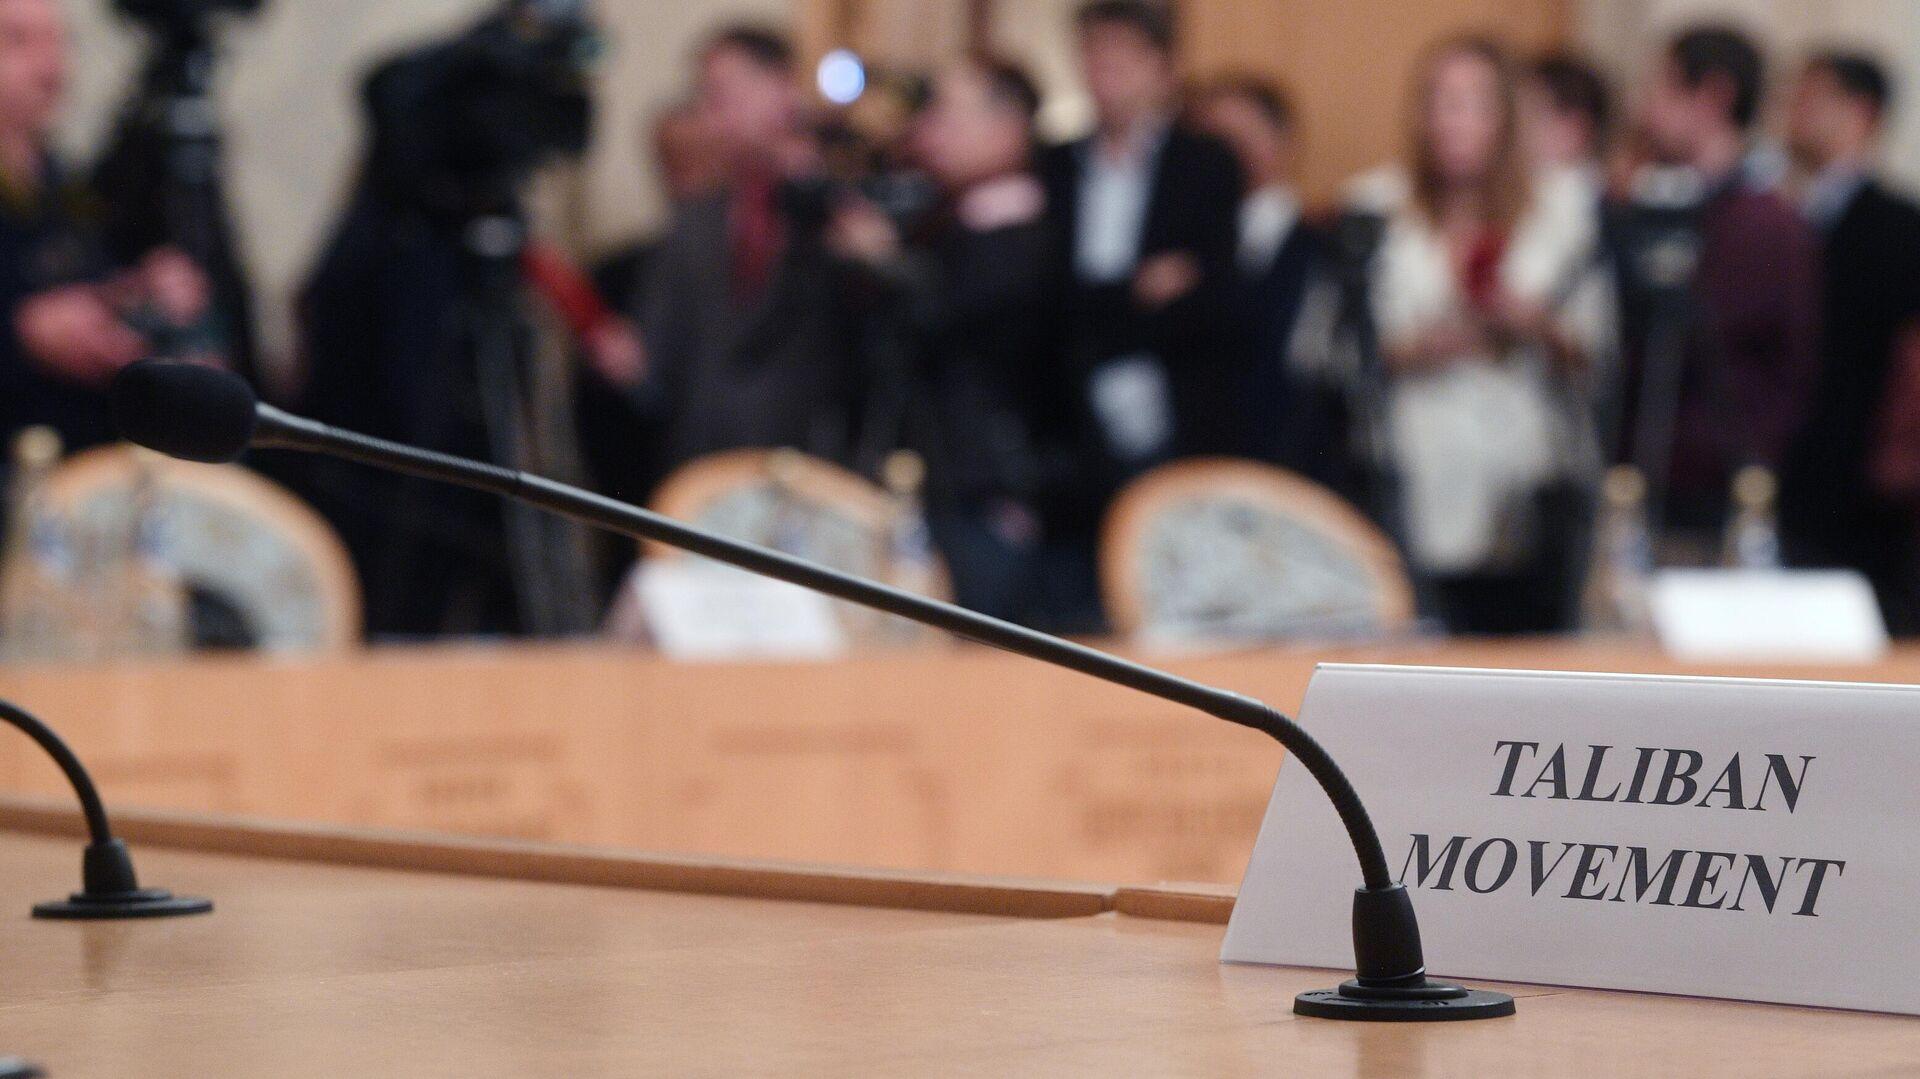 Табличка на столе представителей движения Талибан на заседании Московского формата консультаций по Афганистану - РИА Новости, 1920, 12.07.2021